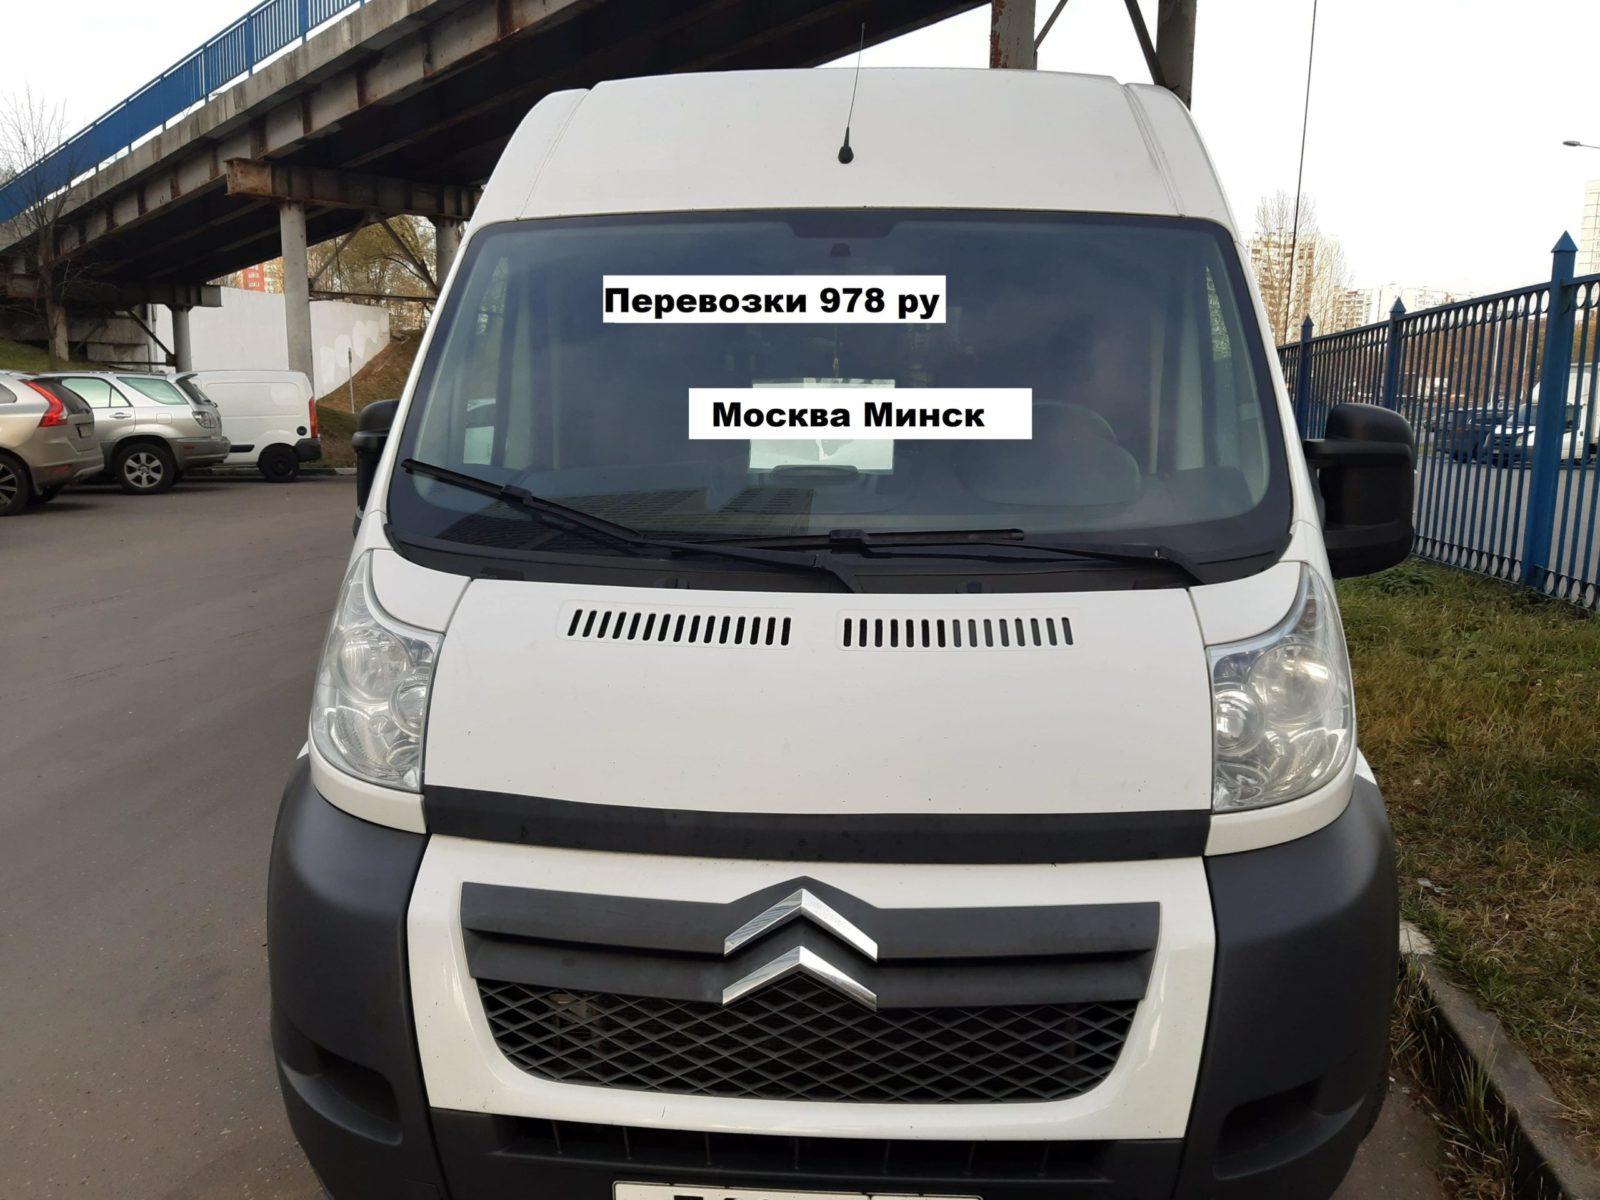 Перевозки Москва Минск - микроавтобус | | «Перевозки 978»